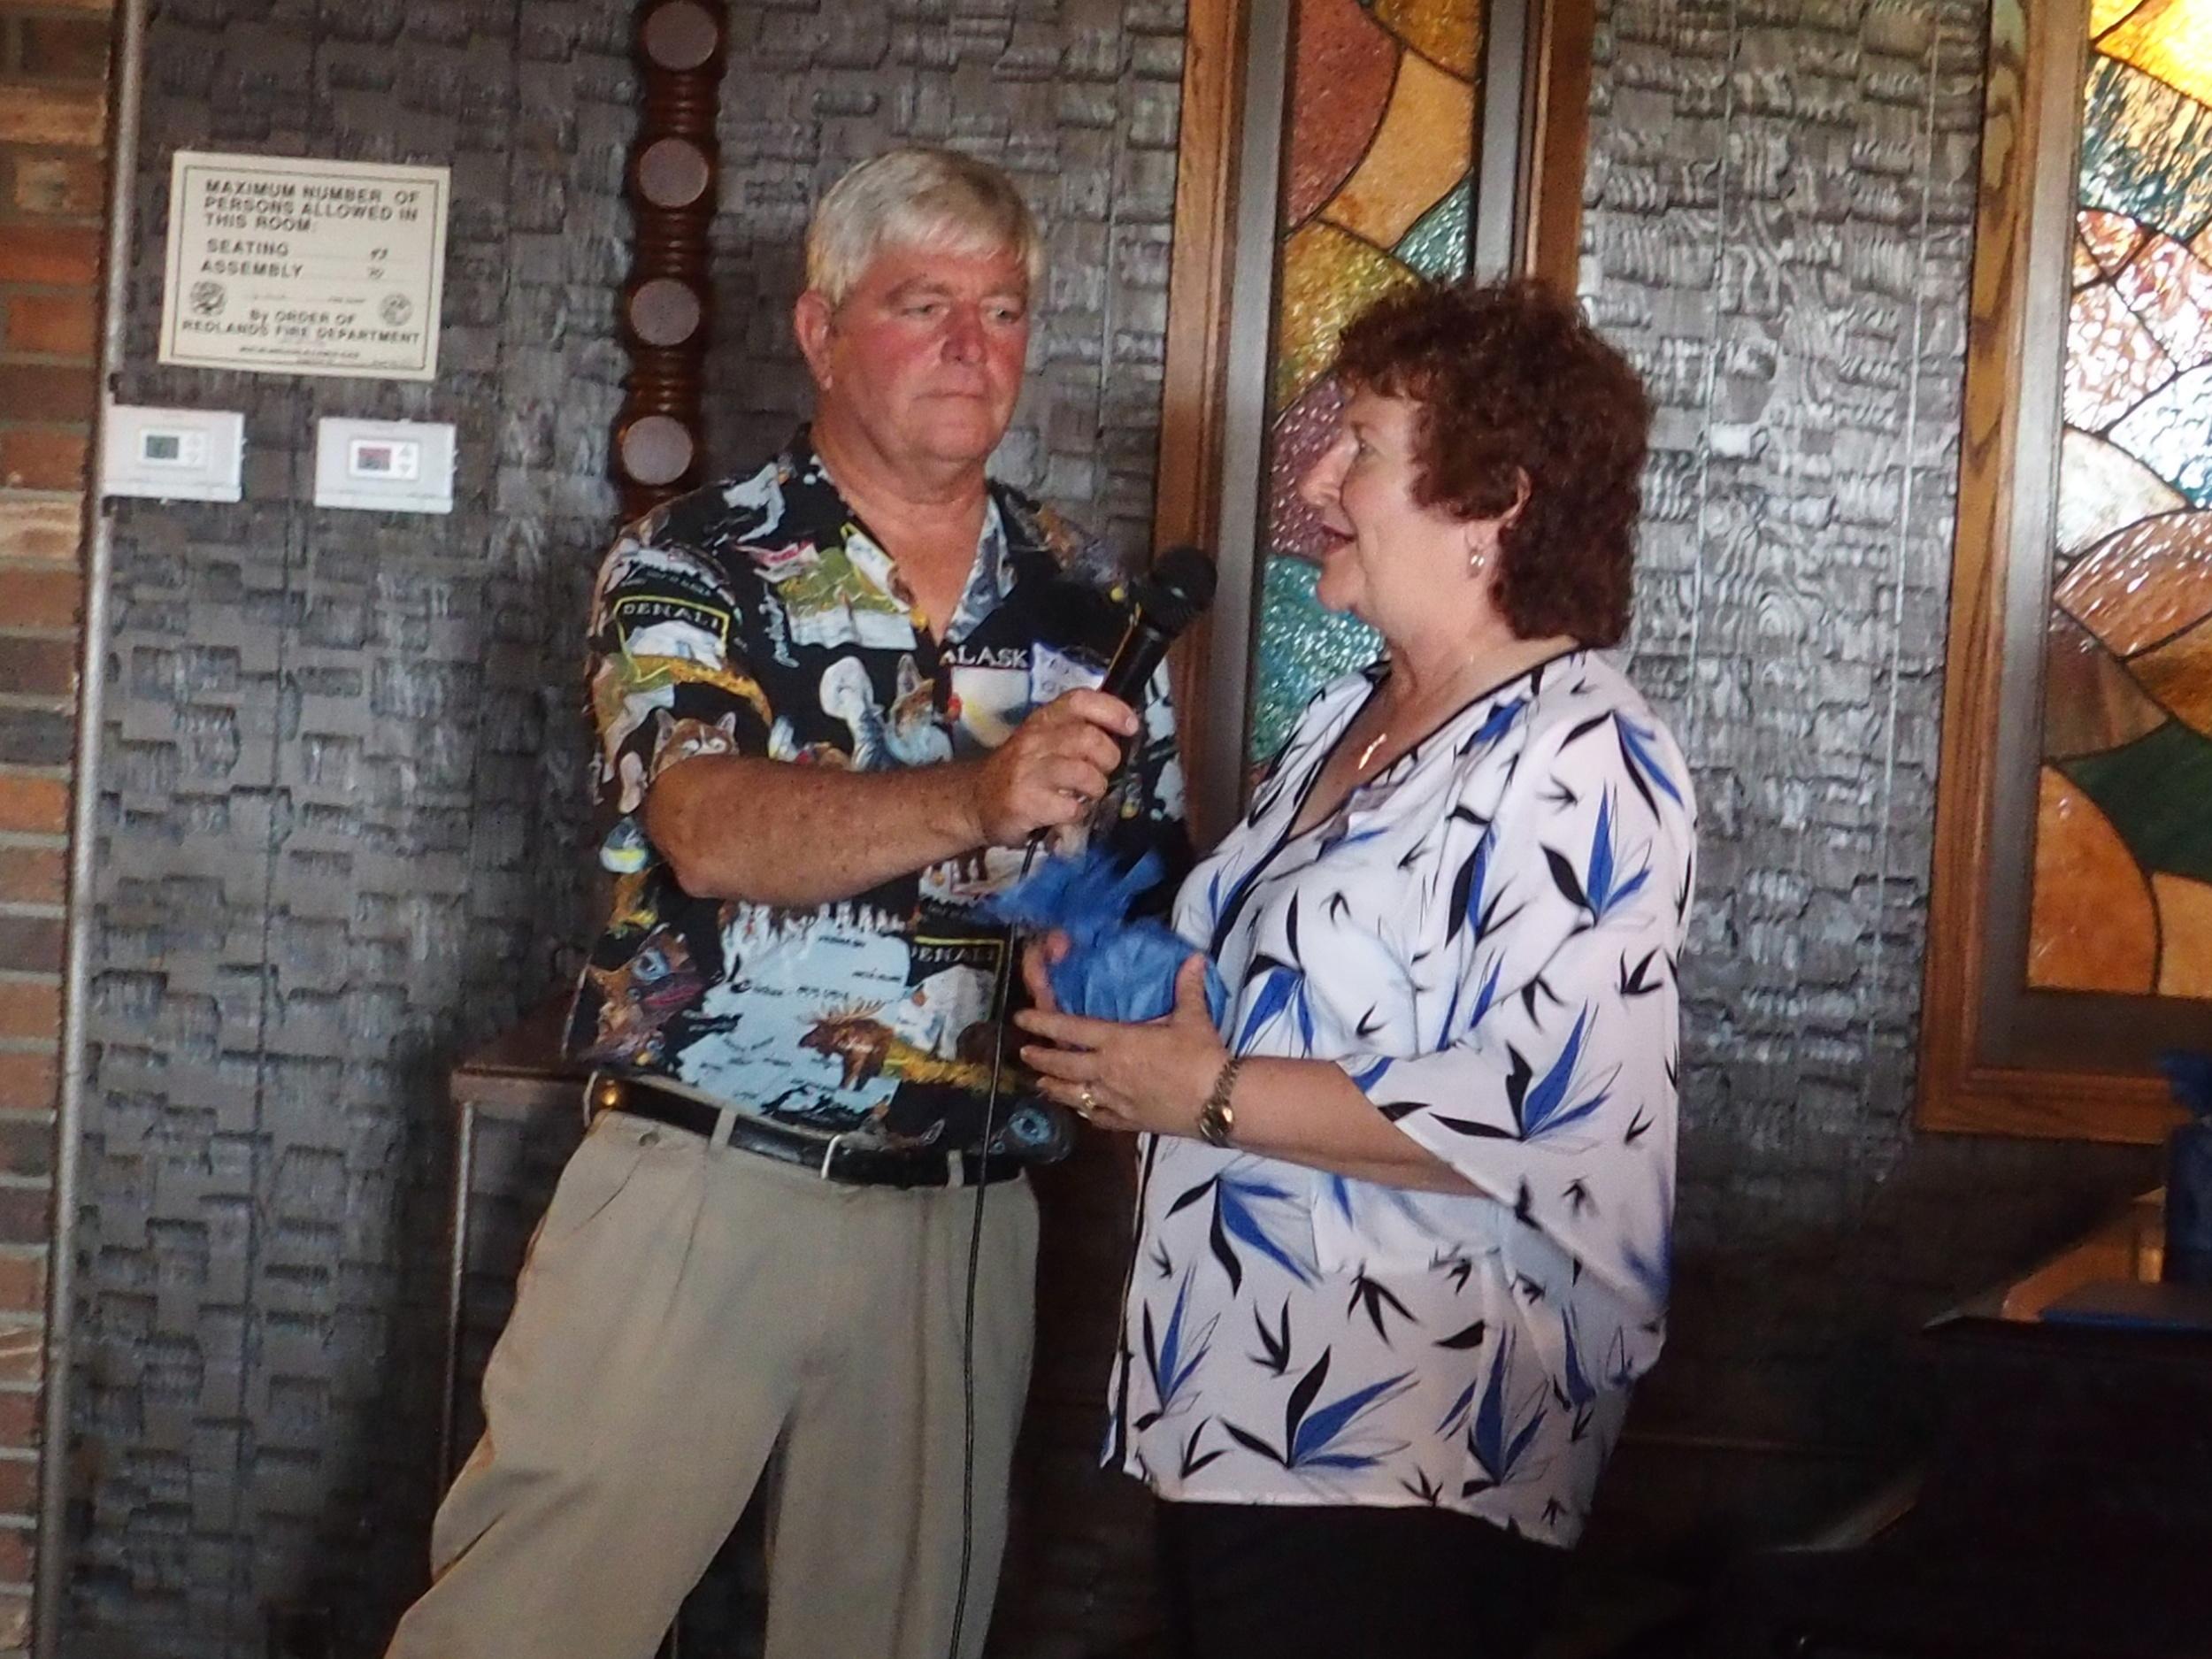 Paul asking Marlene Meyers where she'd traveled from